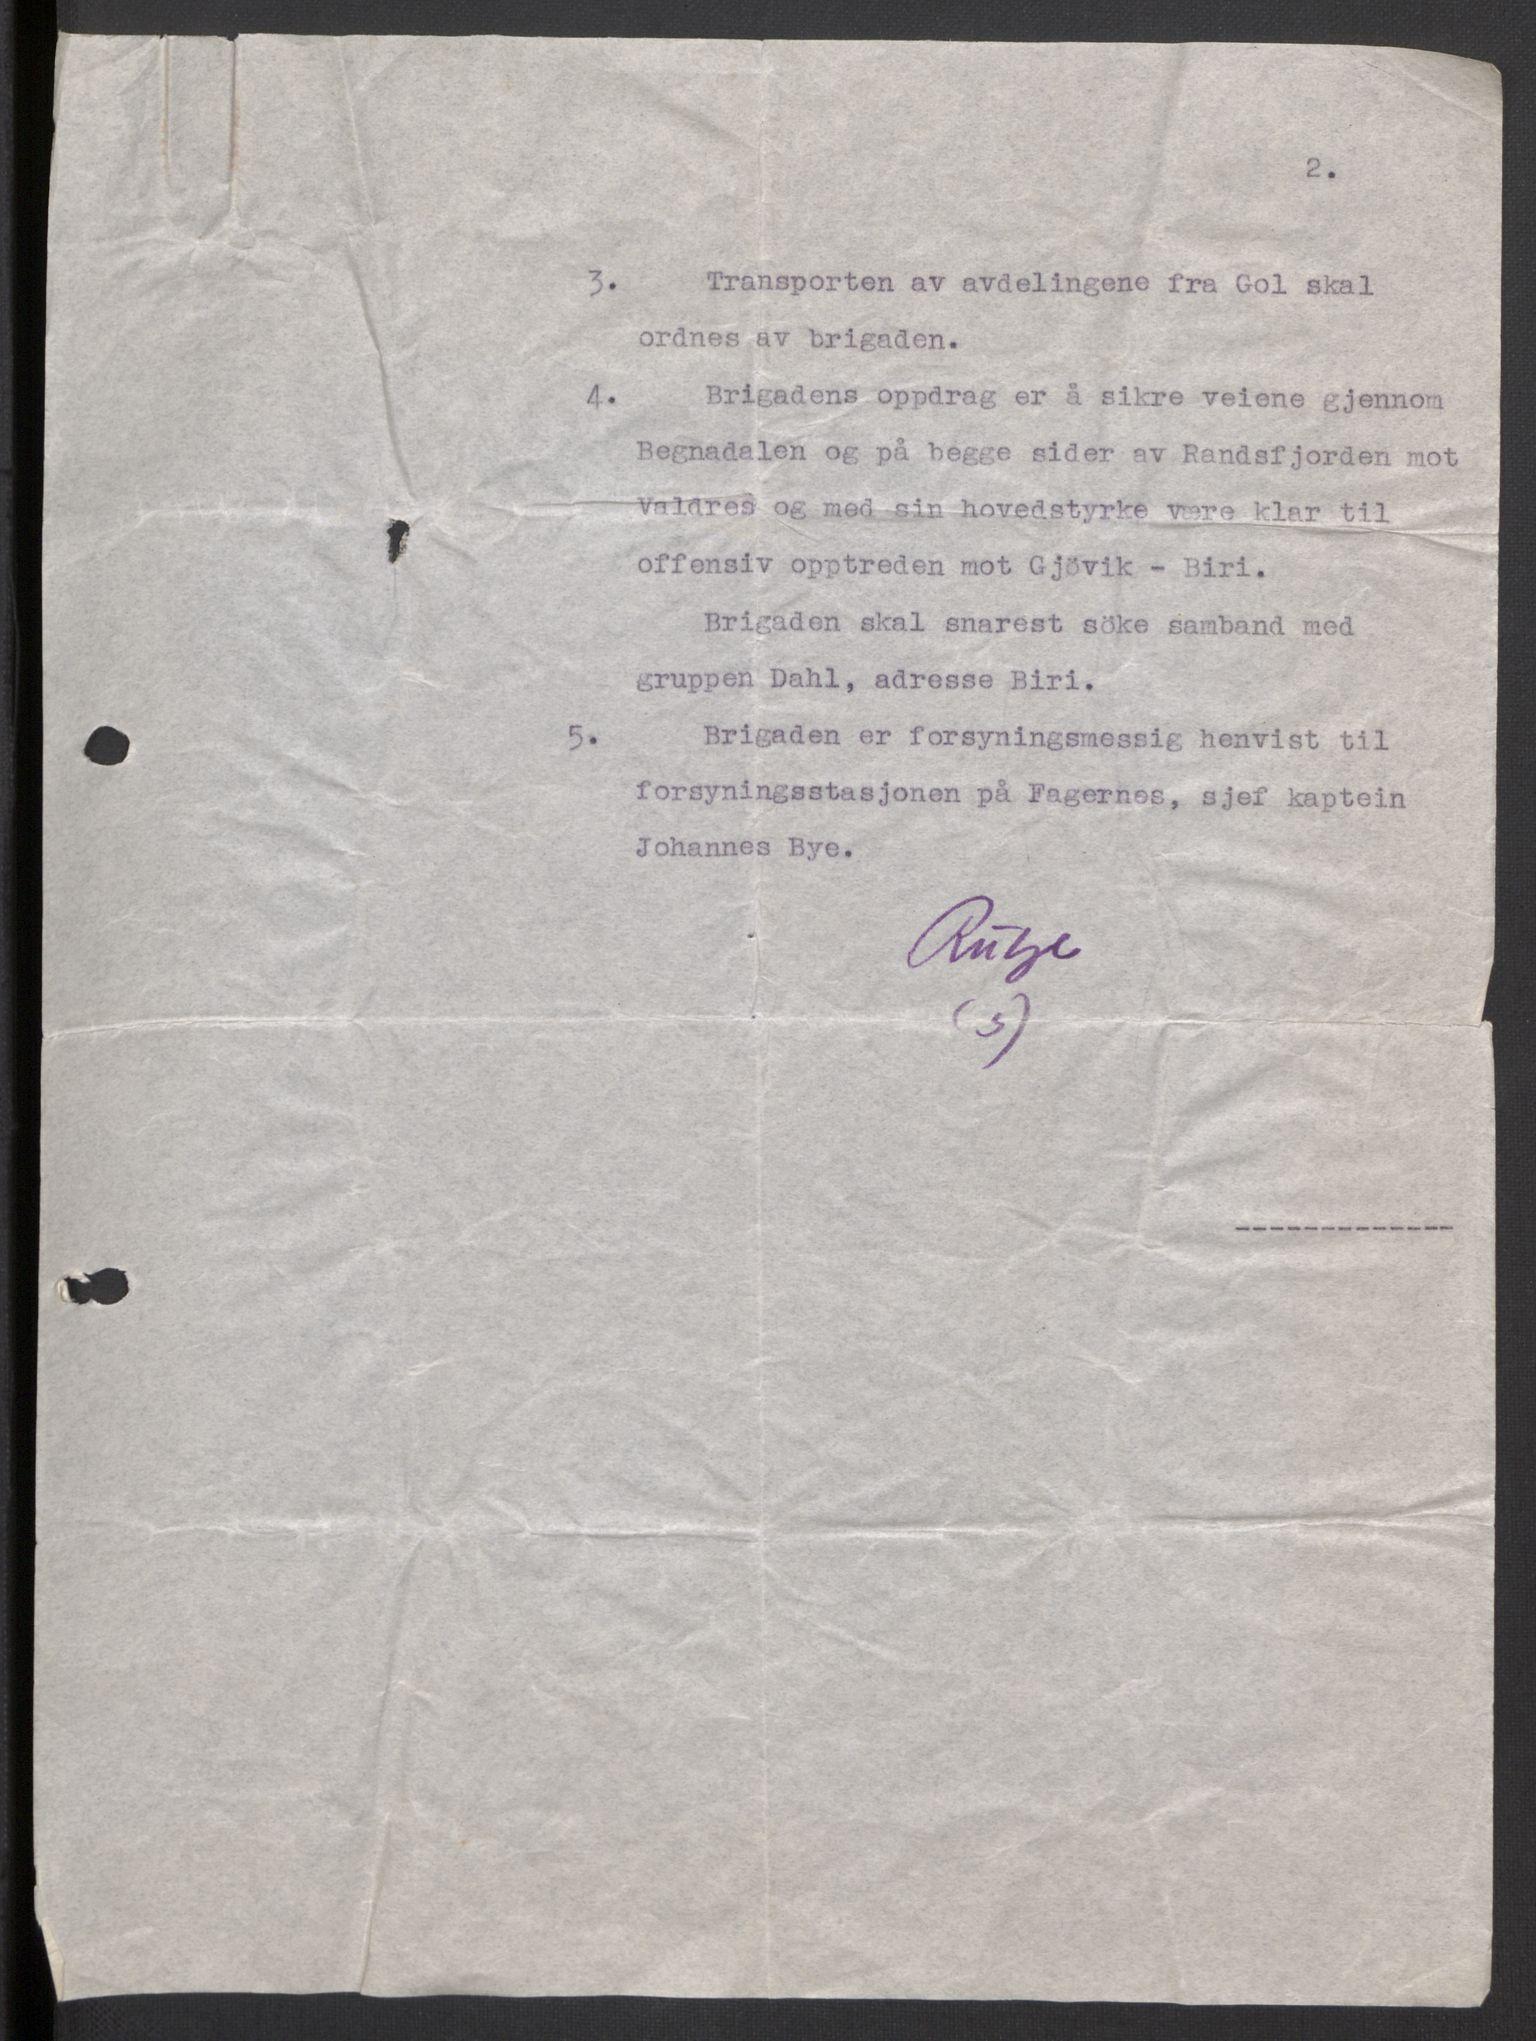 RA, Forsvaret, Forsvarets krigshistoriske avdeling, Y/Yb/L0104: II-C-11-430  -  4. Divisjon., 1940, s. 186